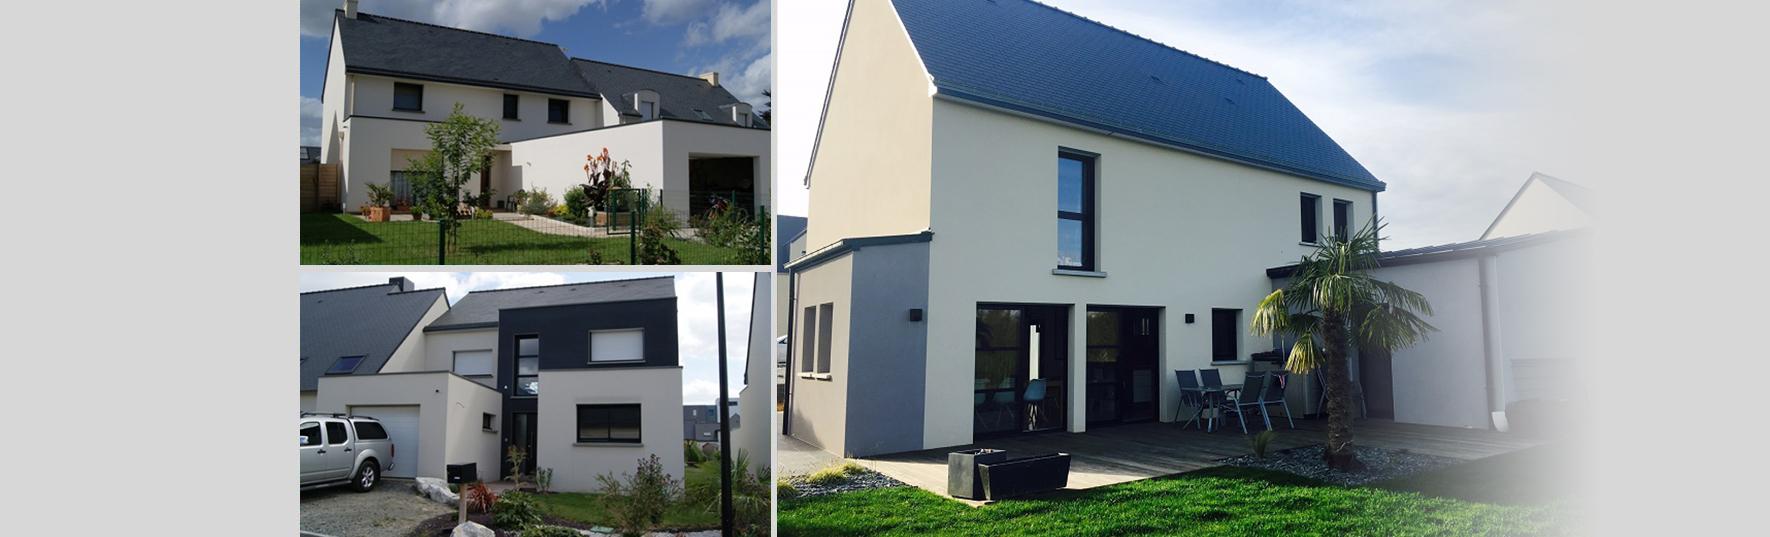 Maisons jubault constructeur maison bretagne rennes for Constructeur maison individuelle lorient